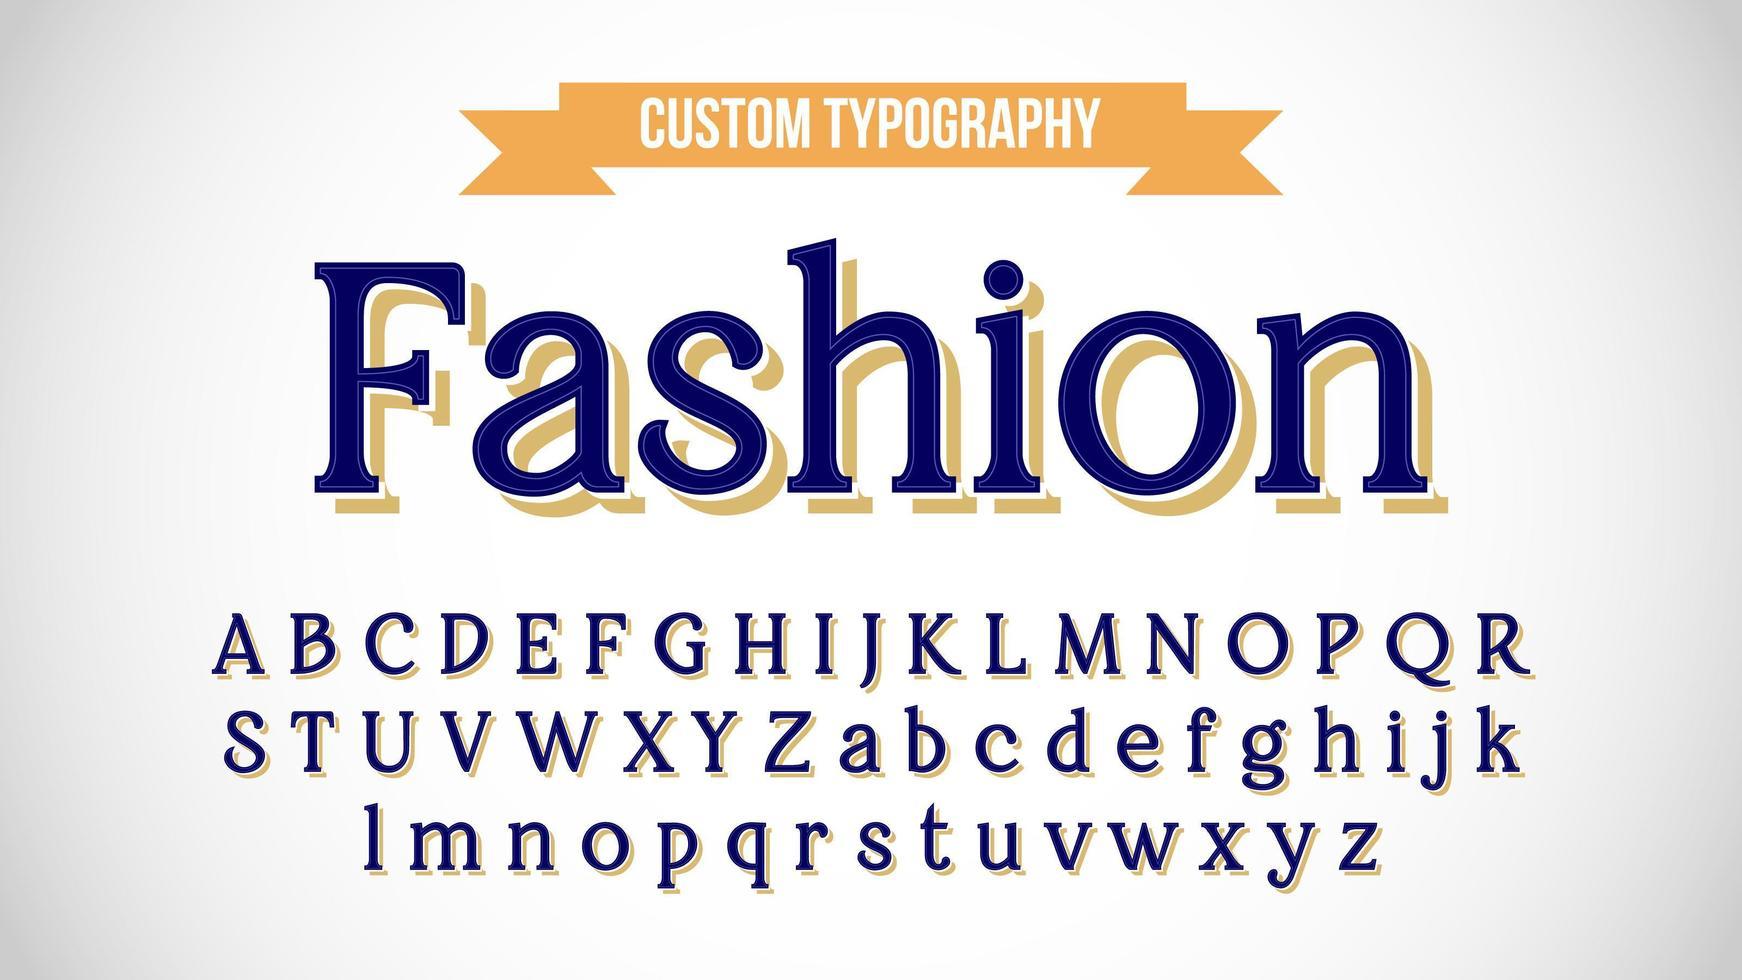 blu con ombra gialla tipografia serif vintage vettore